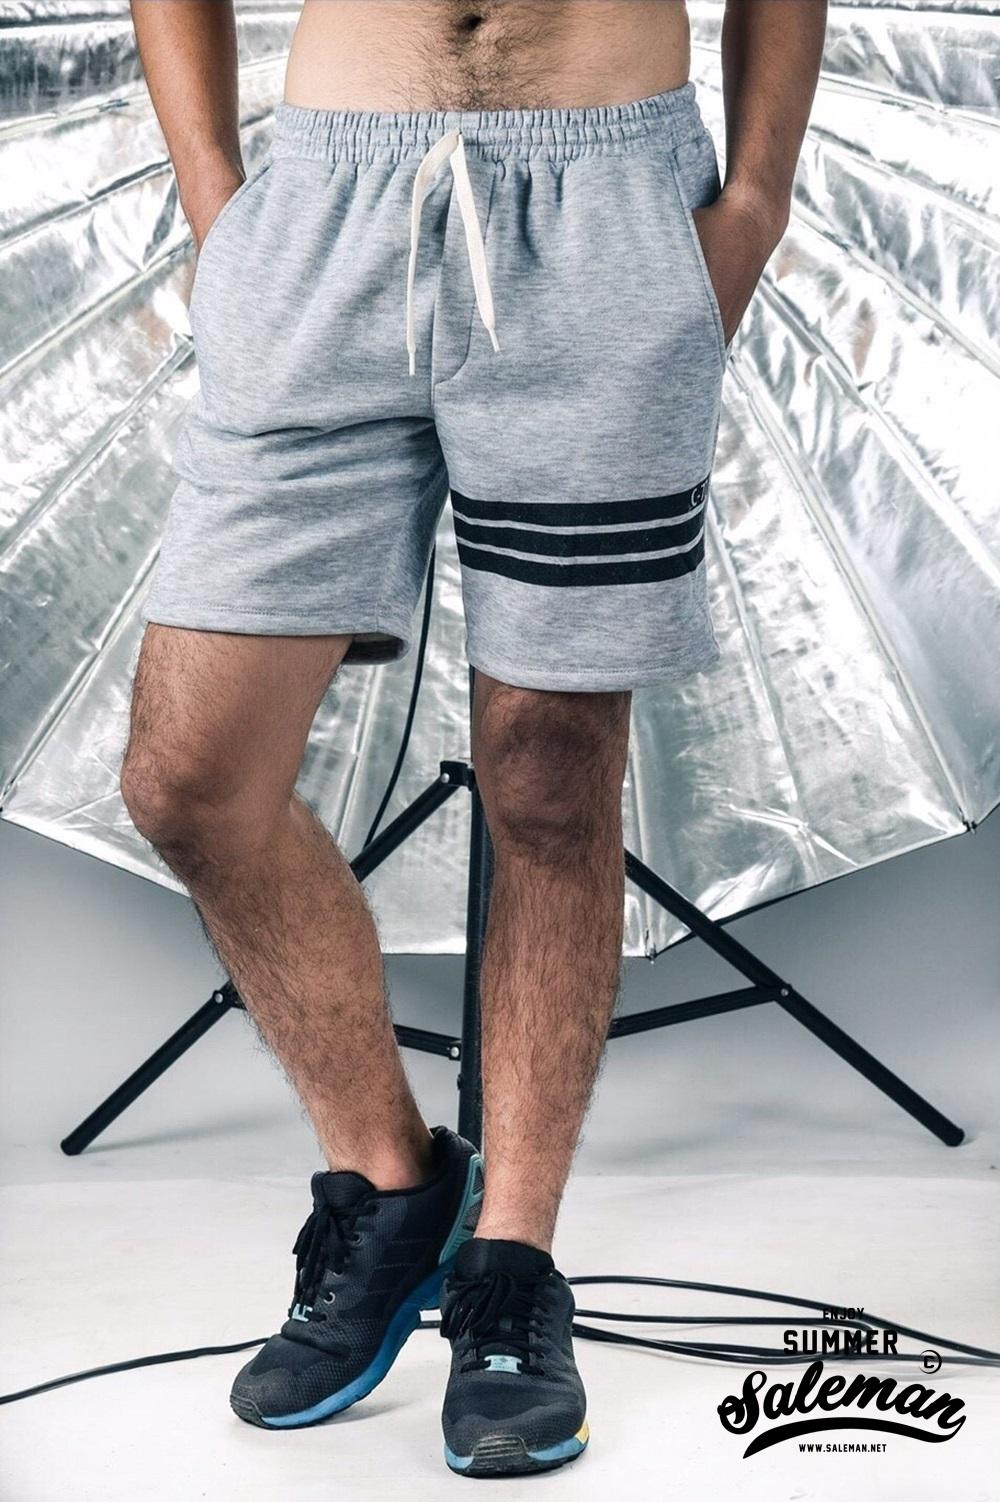 กางเกงขาสั้น พรีเมี่ยม รหัส WT 209 PRO Three Bars สีเทาอ่อน